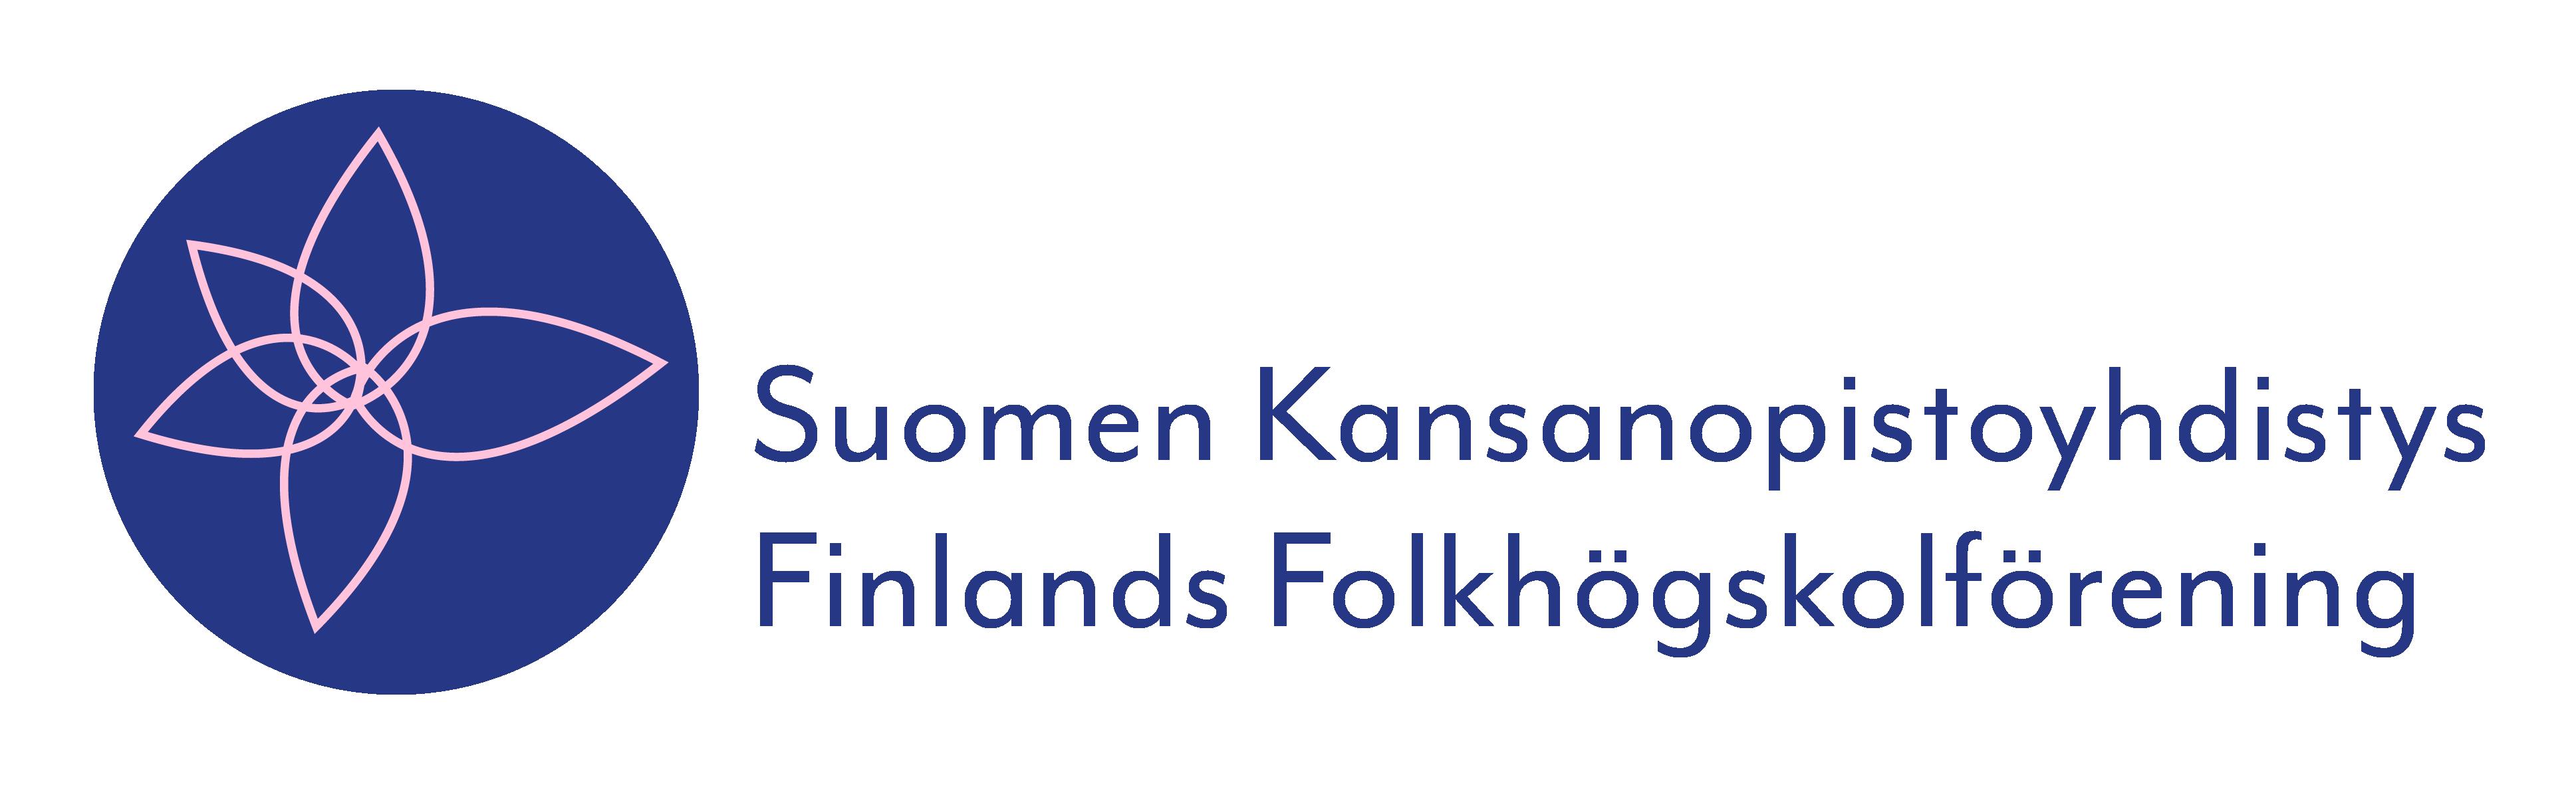 Kuvahaun tulos: suomen kansanopistoyhdistys